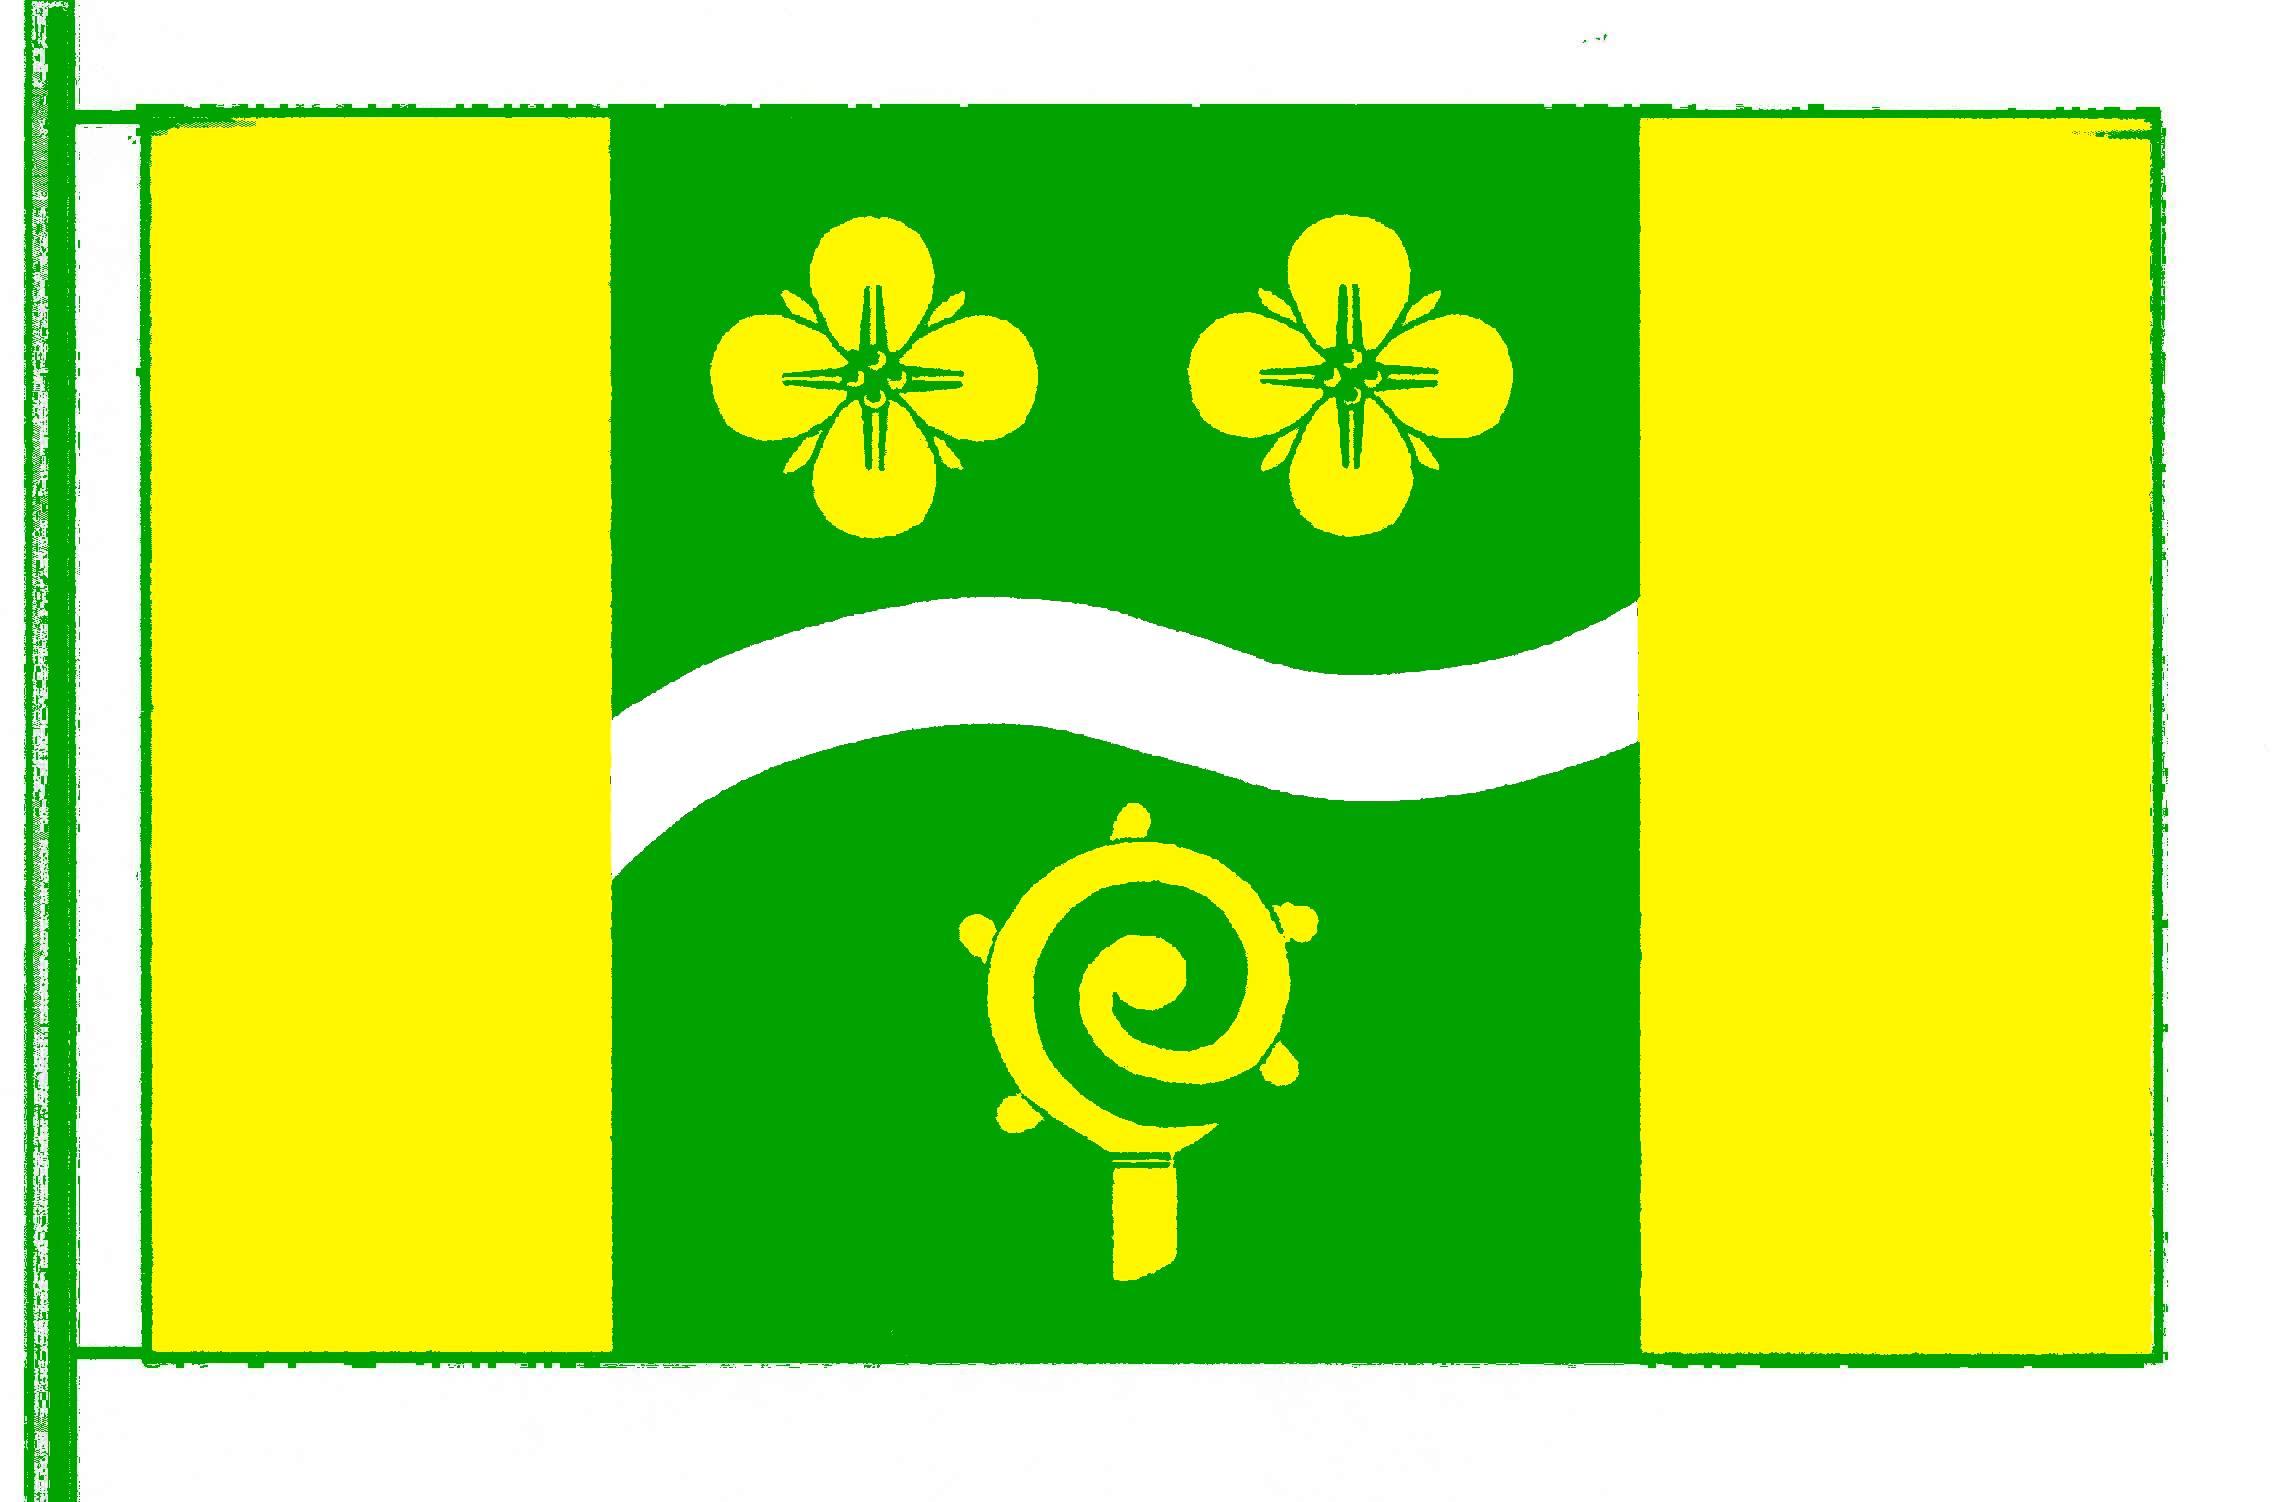 Flagge GemeindeKrummbek, Kreis Plön